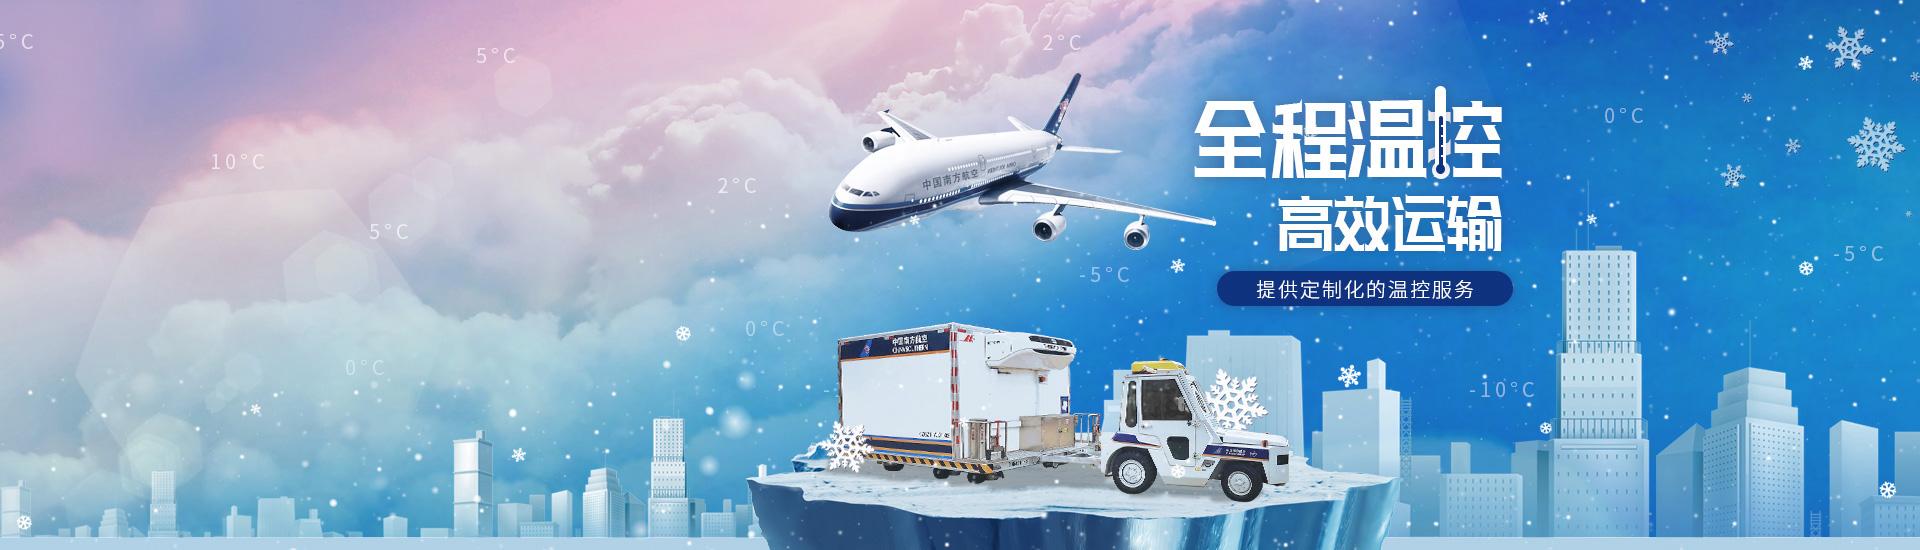 唐翼-网上货运系统CSN Cargo Online